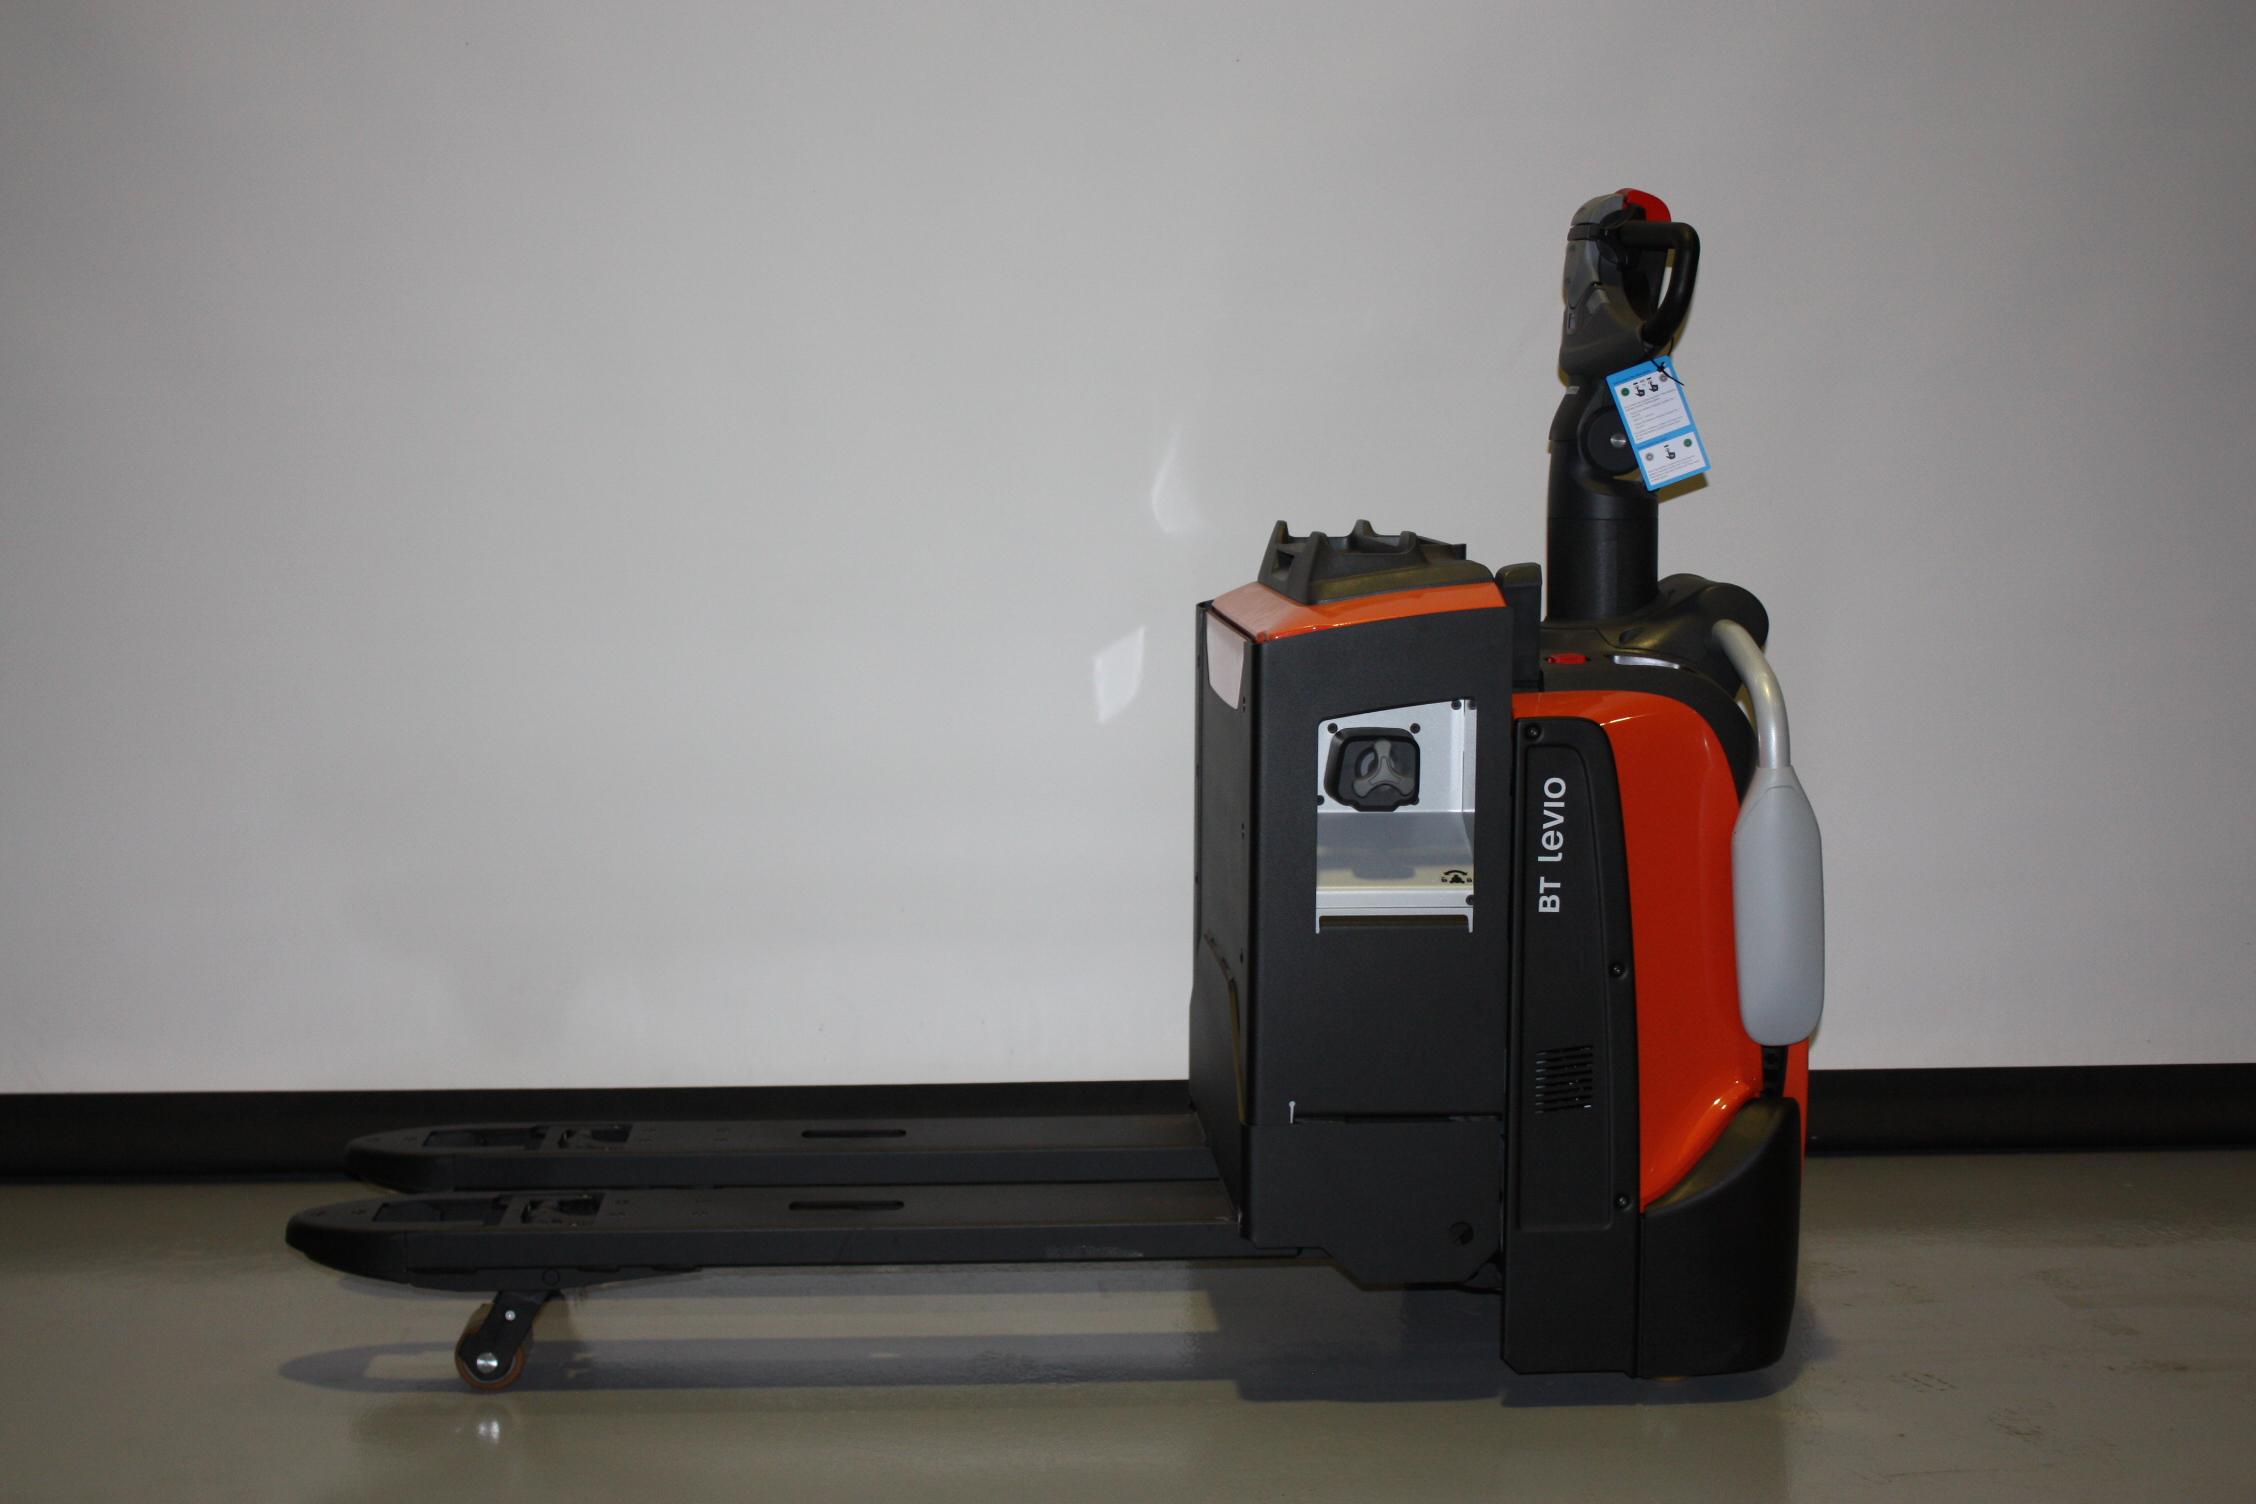 Toyota-Gabelstapler-59840 2007008529 1 1